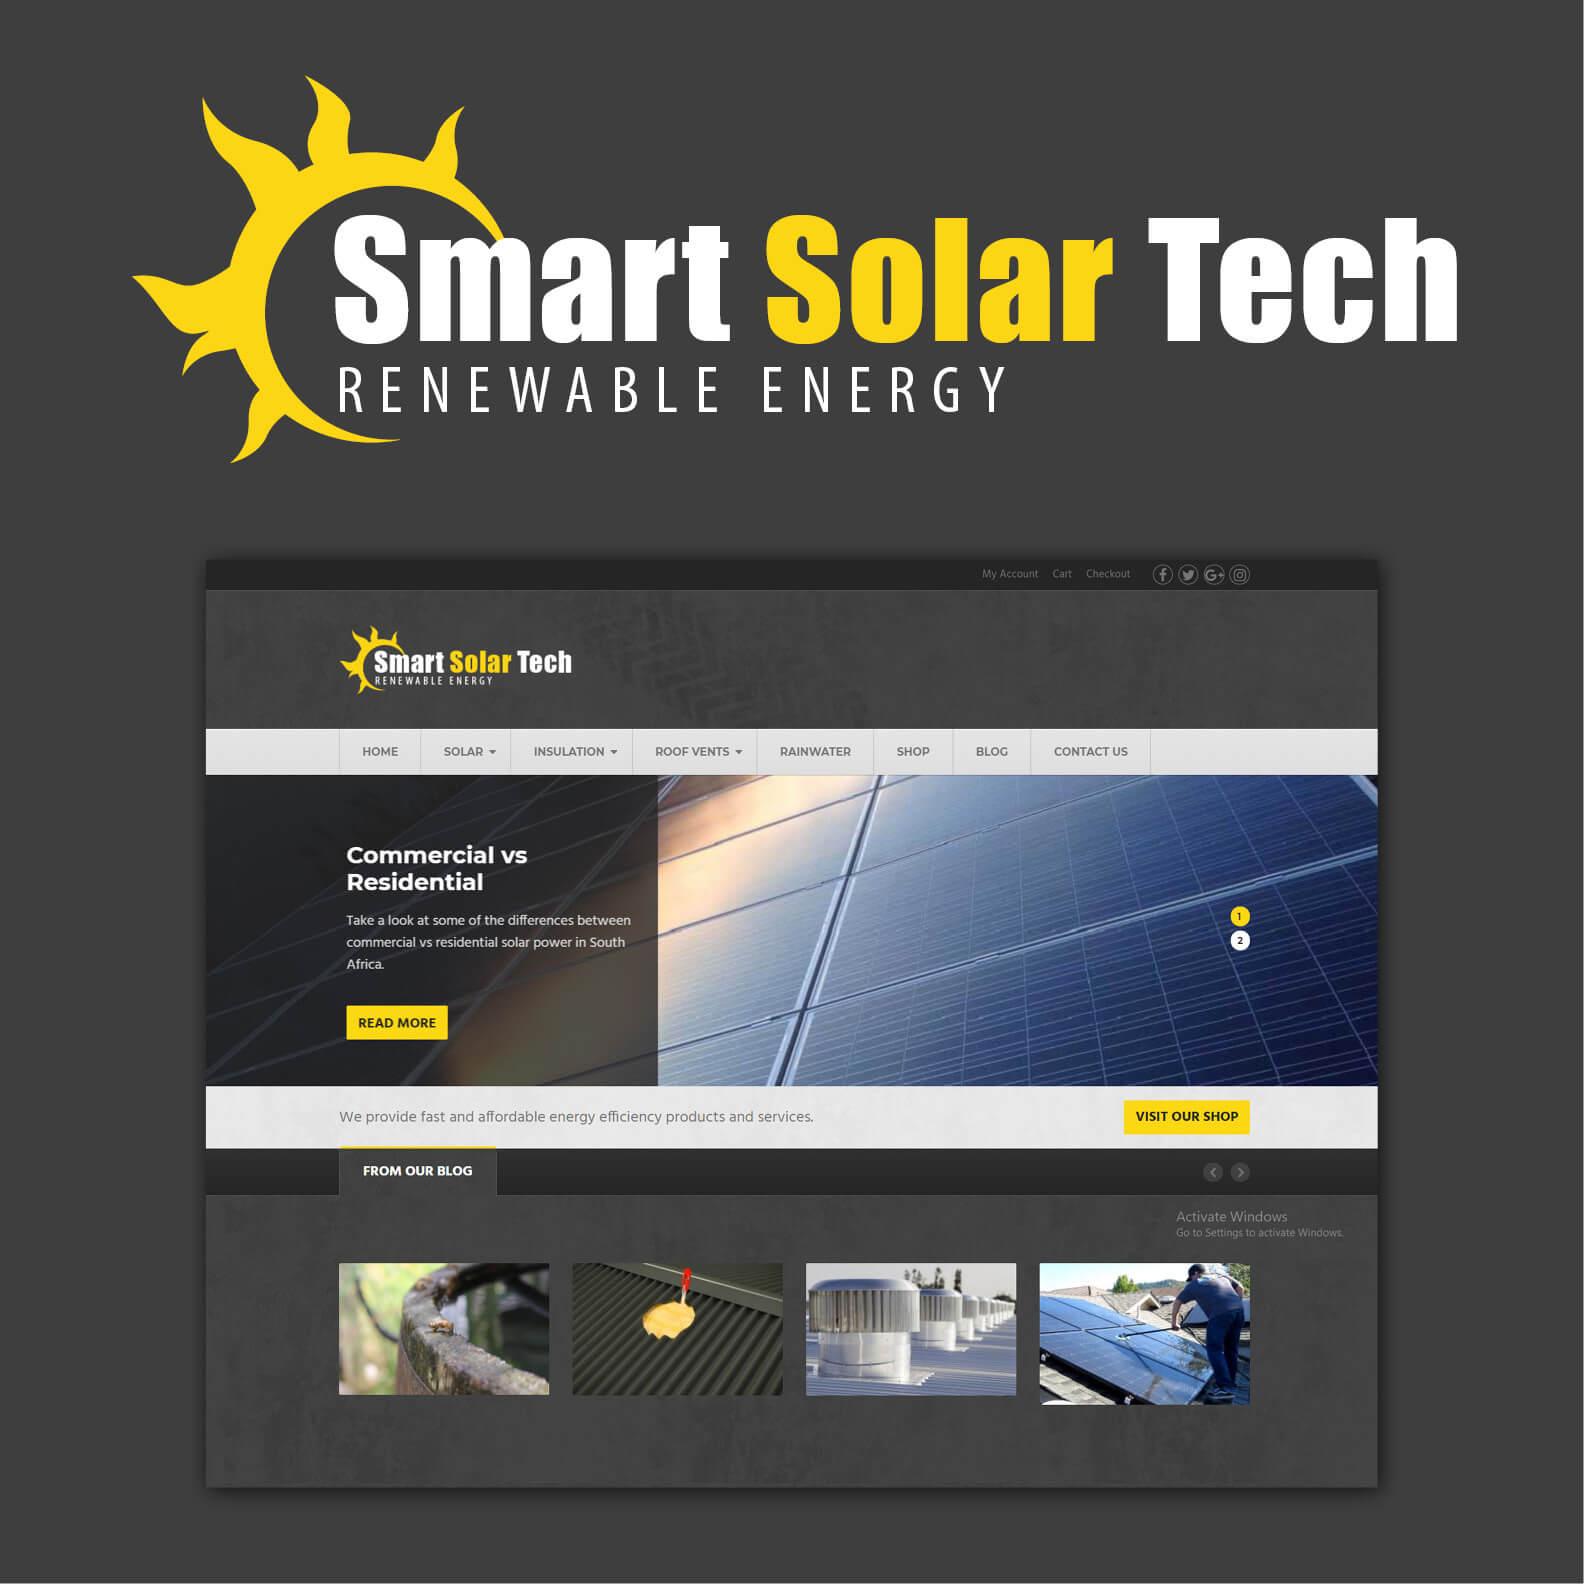 smart solar tech website design